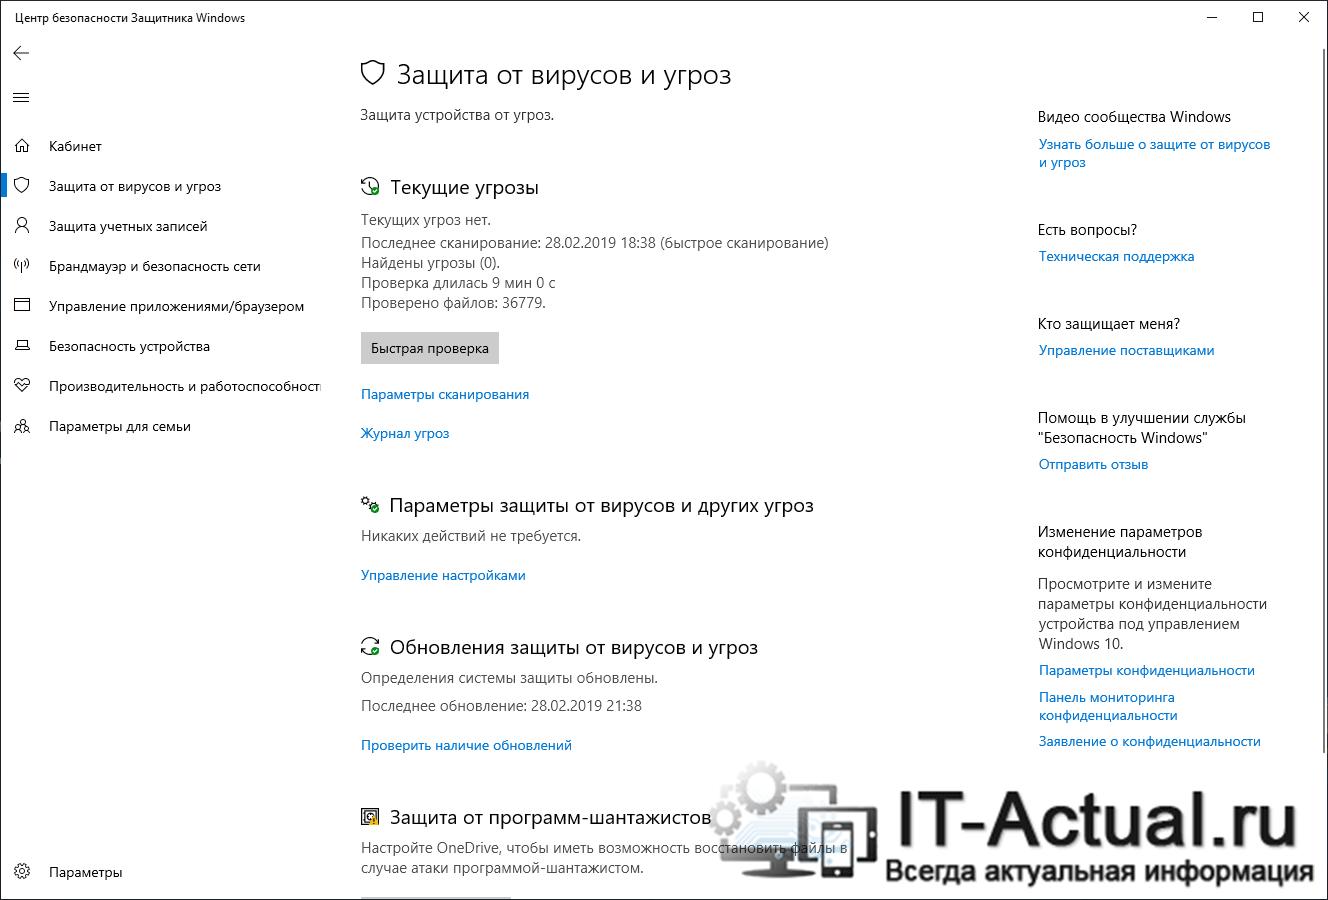 Многочисленные опции и настройки встроенного в Windows 10 антивирусного решения